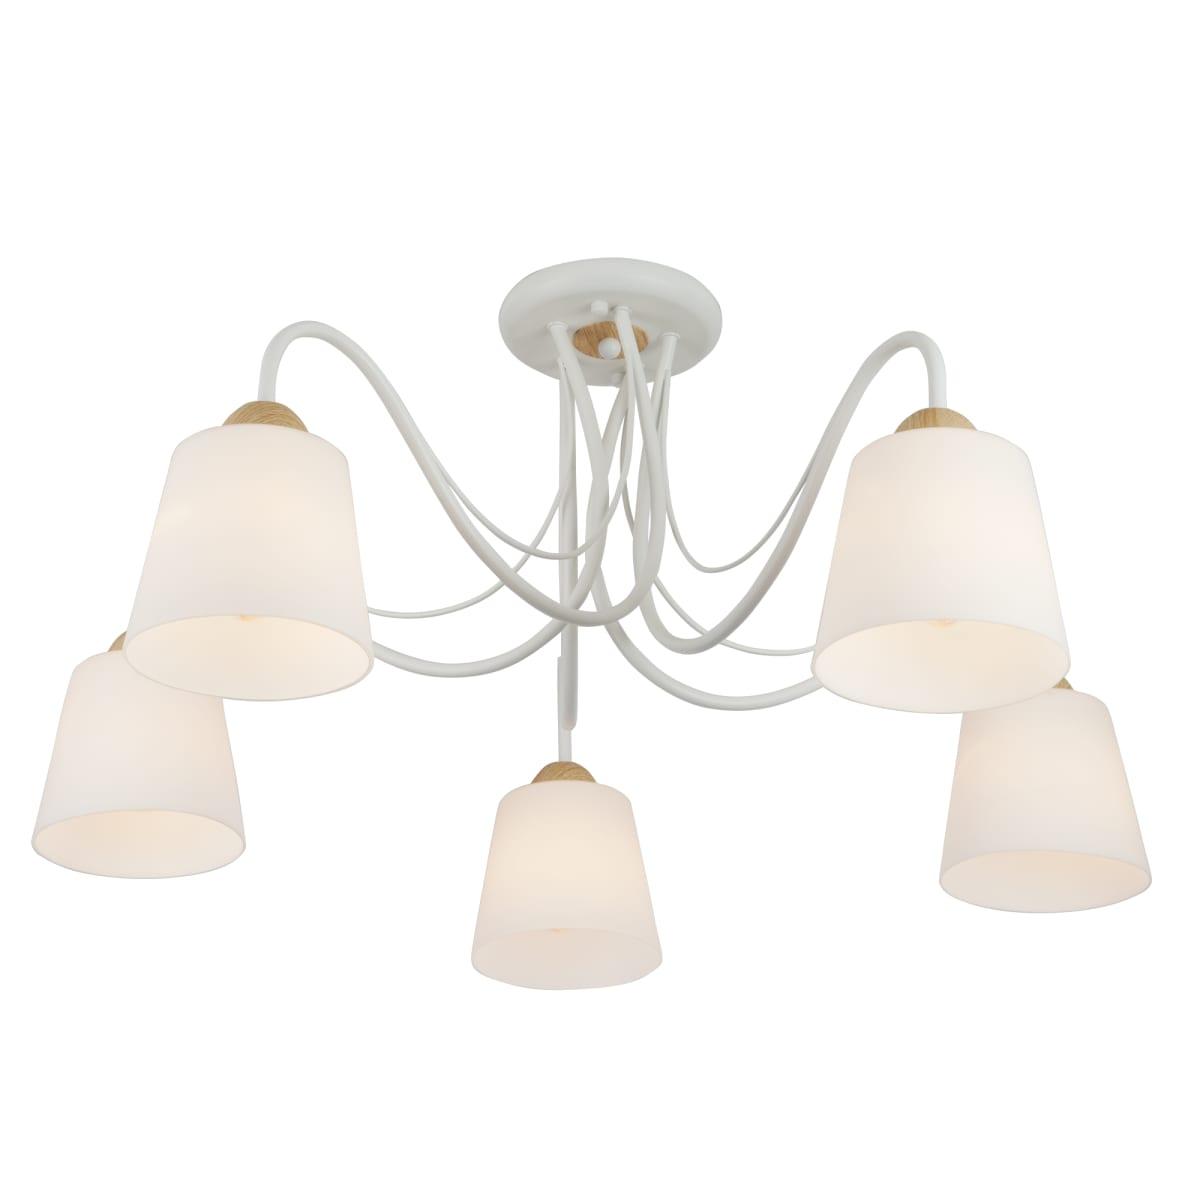 Люстра потолочная Eurosvet Betty 70062/5, 5 ламп, 16 м², цвет белый